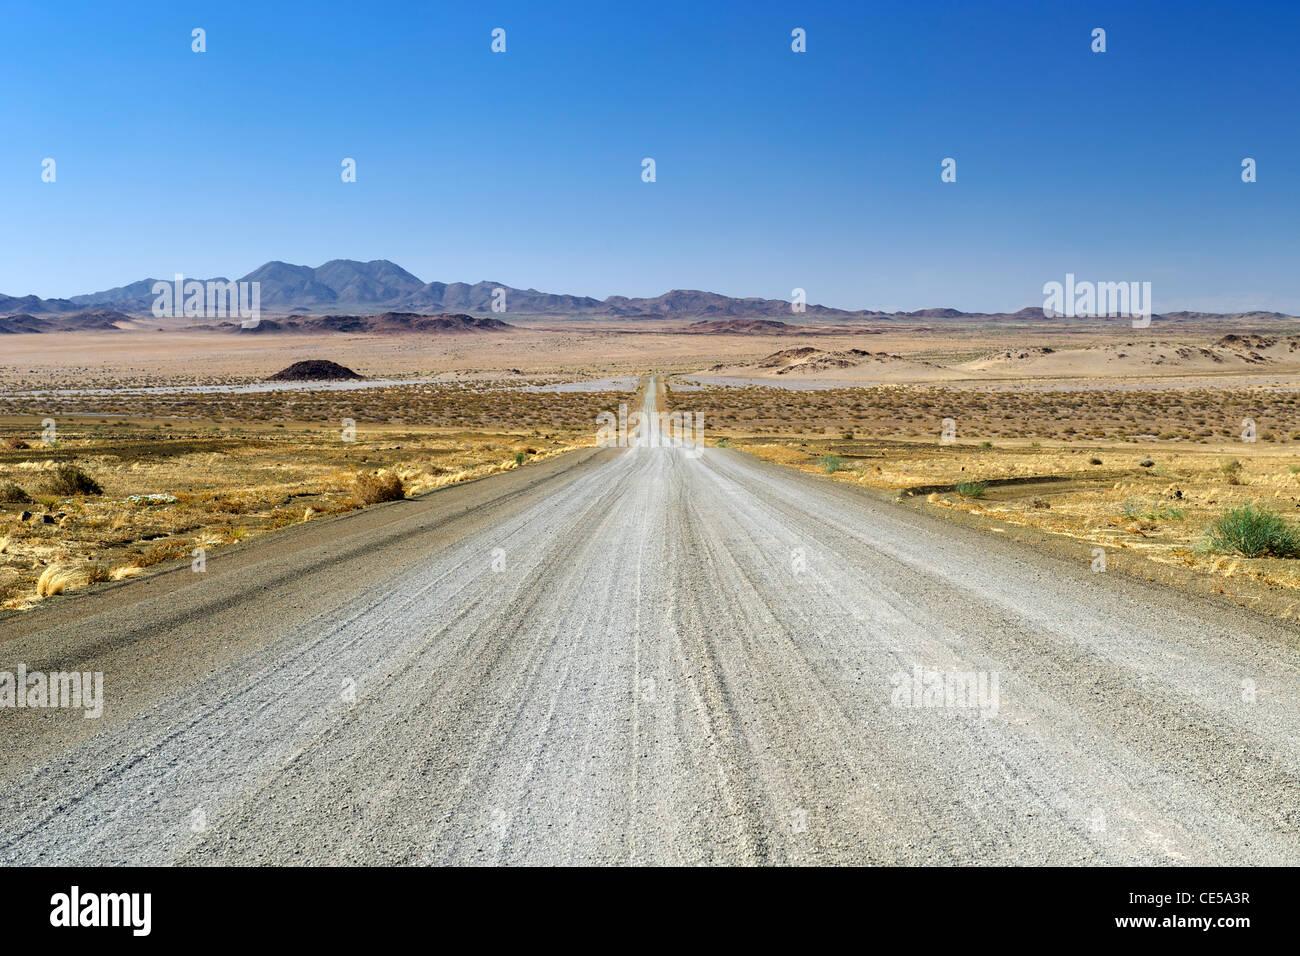 Route de gravier dans la région Karas du sud de la Namibie. Banque D'Images